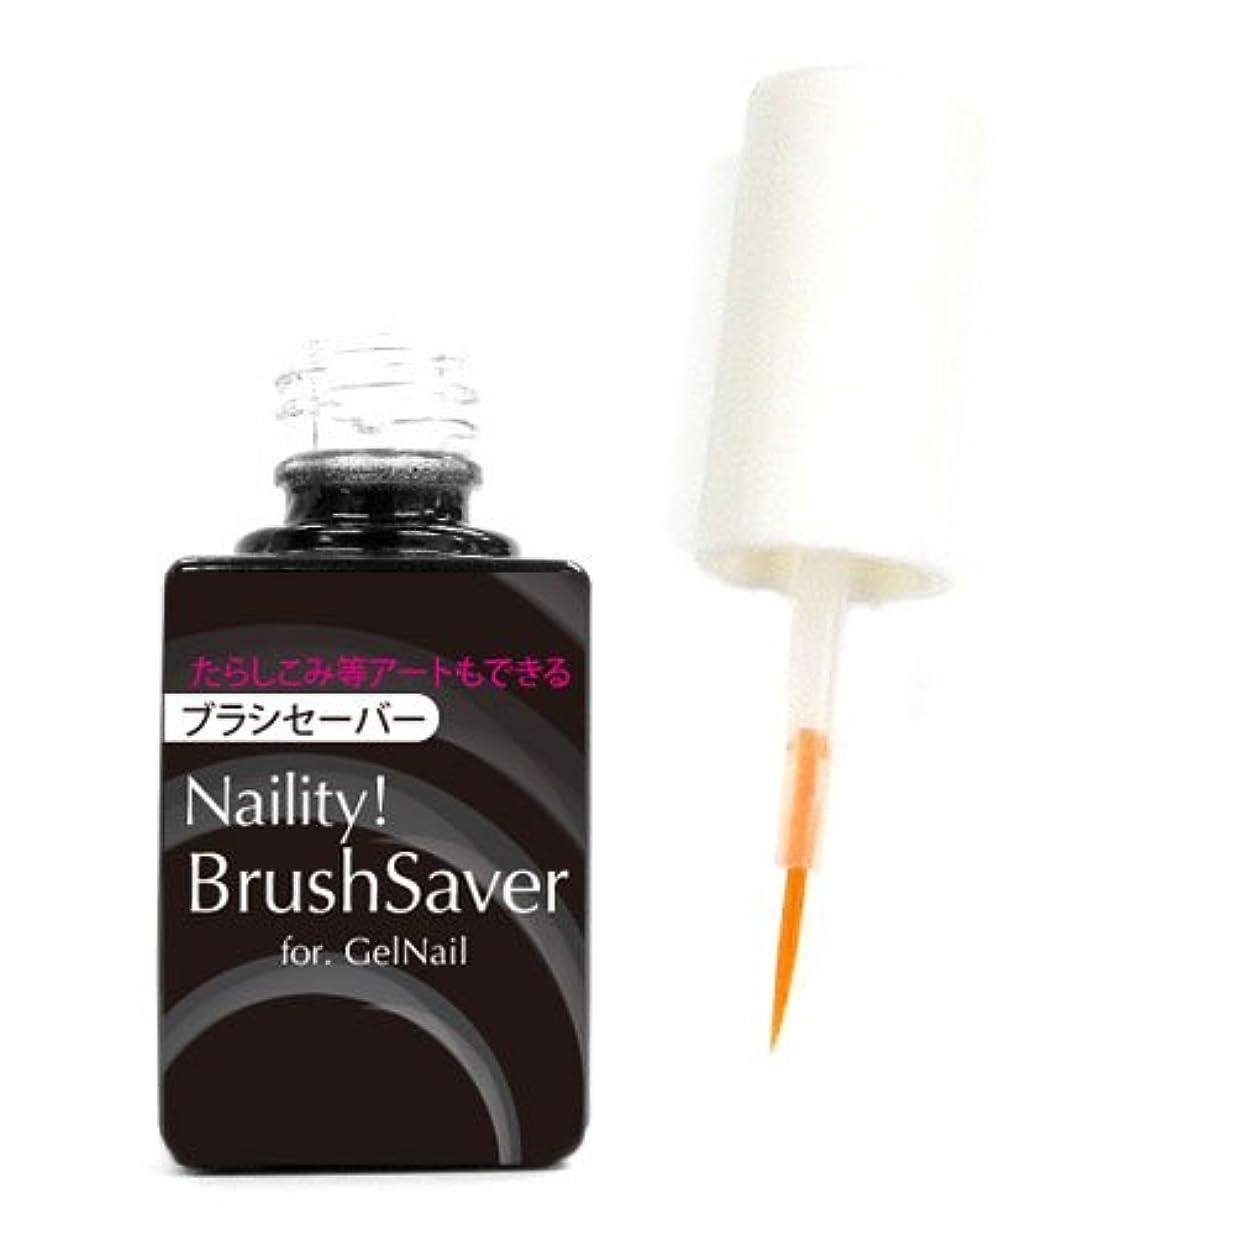 実行可能愛努力するNaility!(ネイリティ!) Naility! ライナーブラシセーバー 7mL ジェルネイル